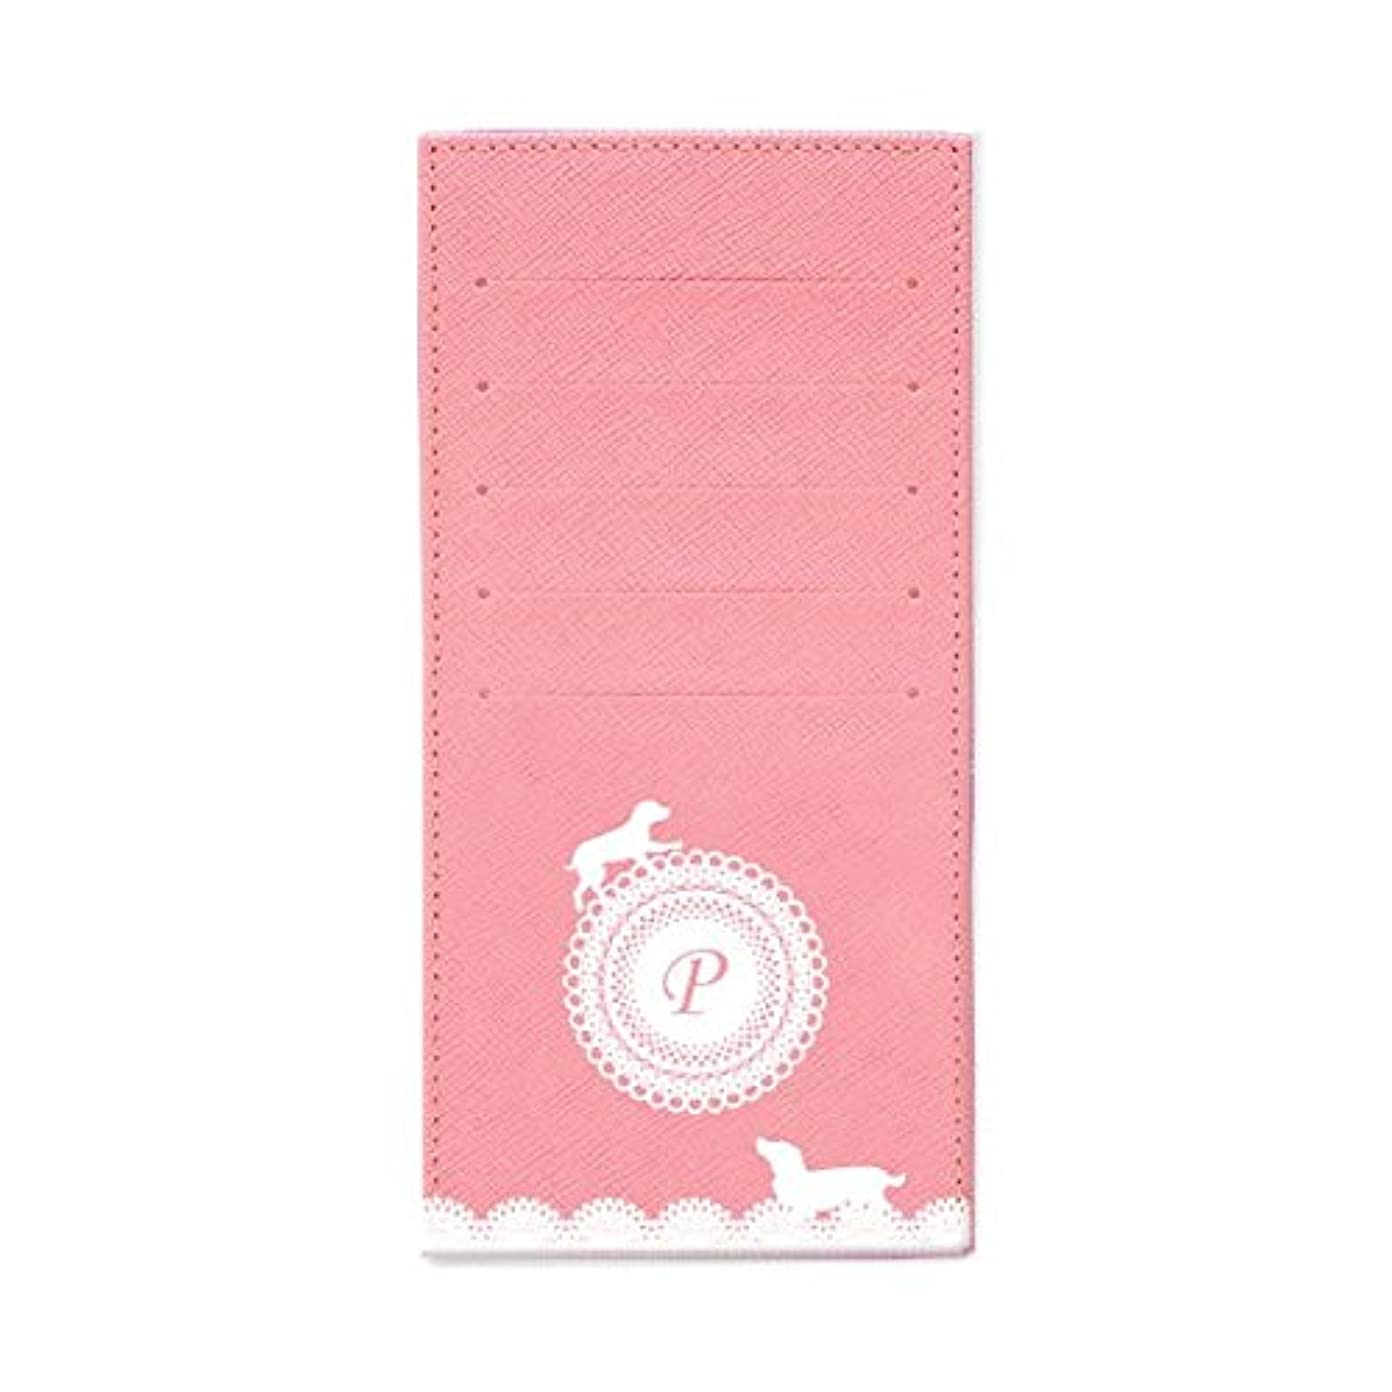 金額イソギンチャク名声インナーカードケース 長財布用カードケース 10枚収納可能 カード入れ 収納 プレゼント ギフト 3020レースネーム (P) パウダーピンク mirai